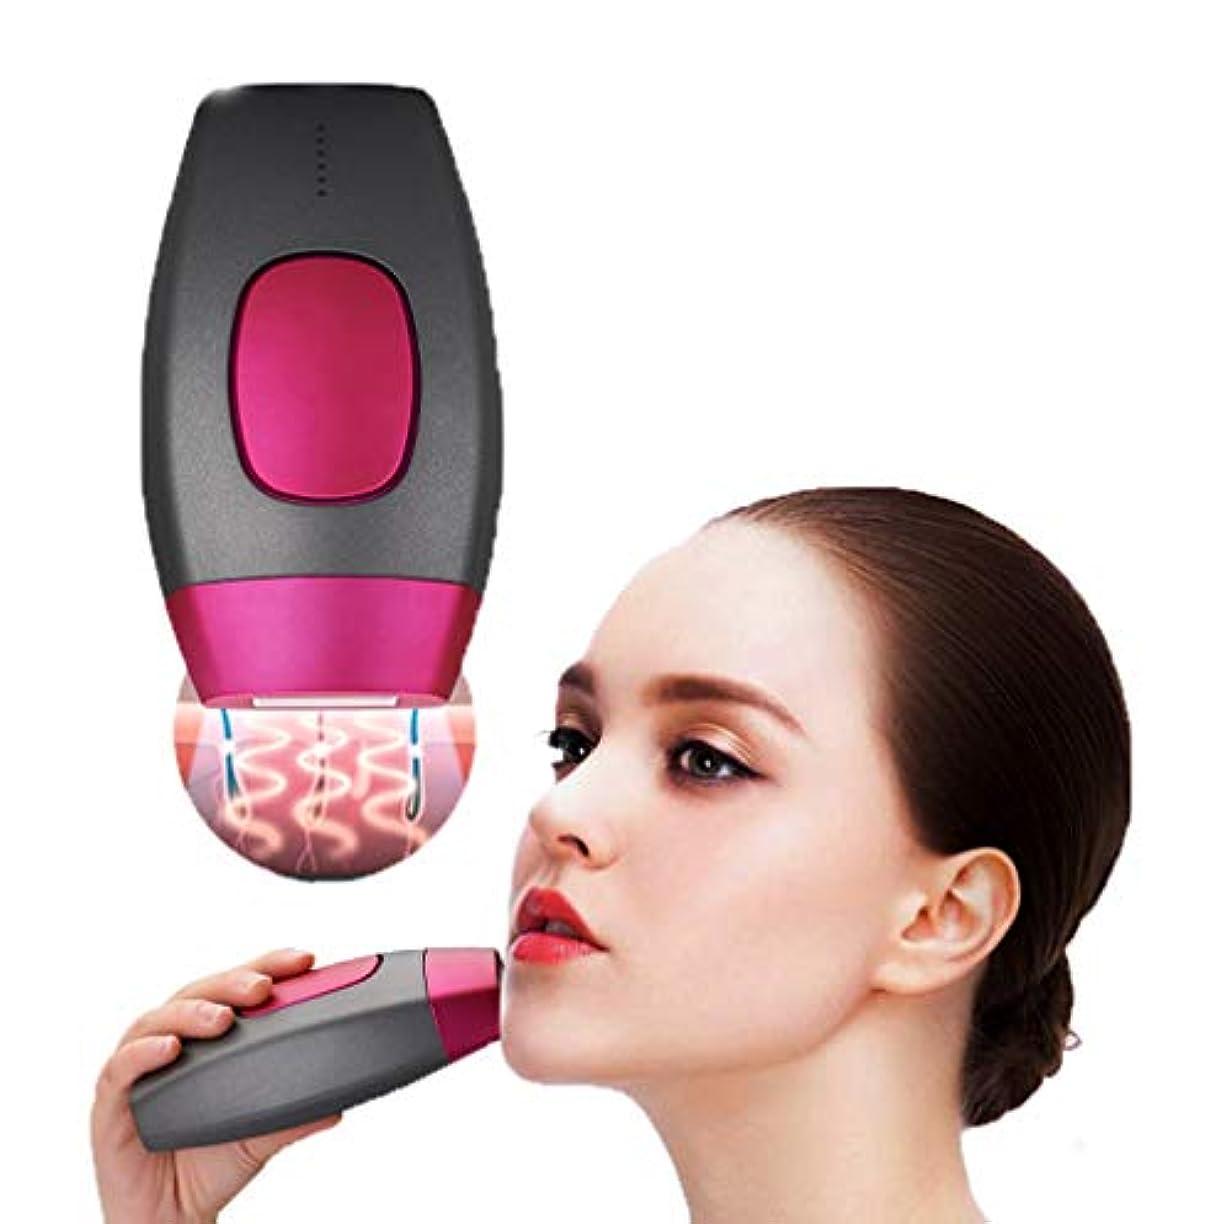 称賛しないでください頭女性の男性の体の顔とビキニの家庭用ライトシステム痛みのない美容デバイスでのレーザー脱毛